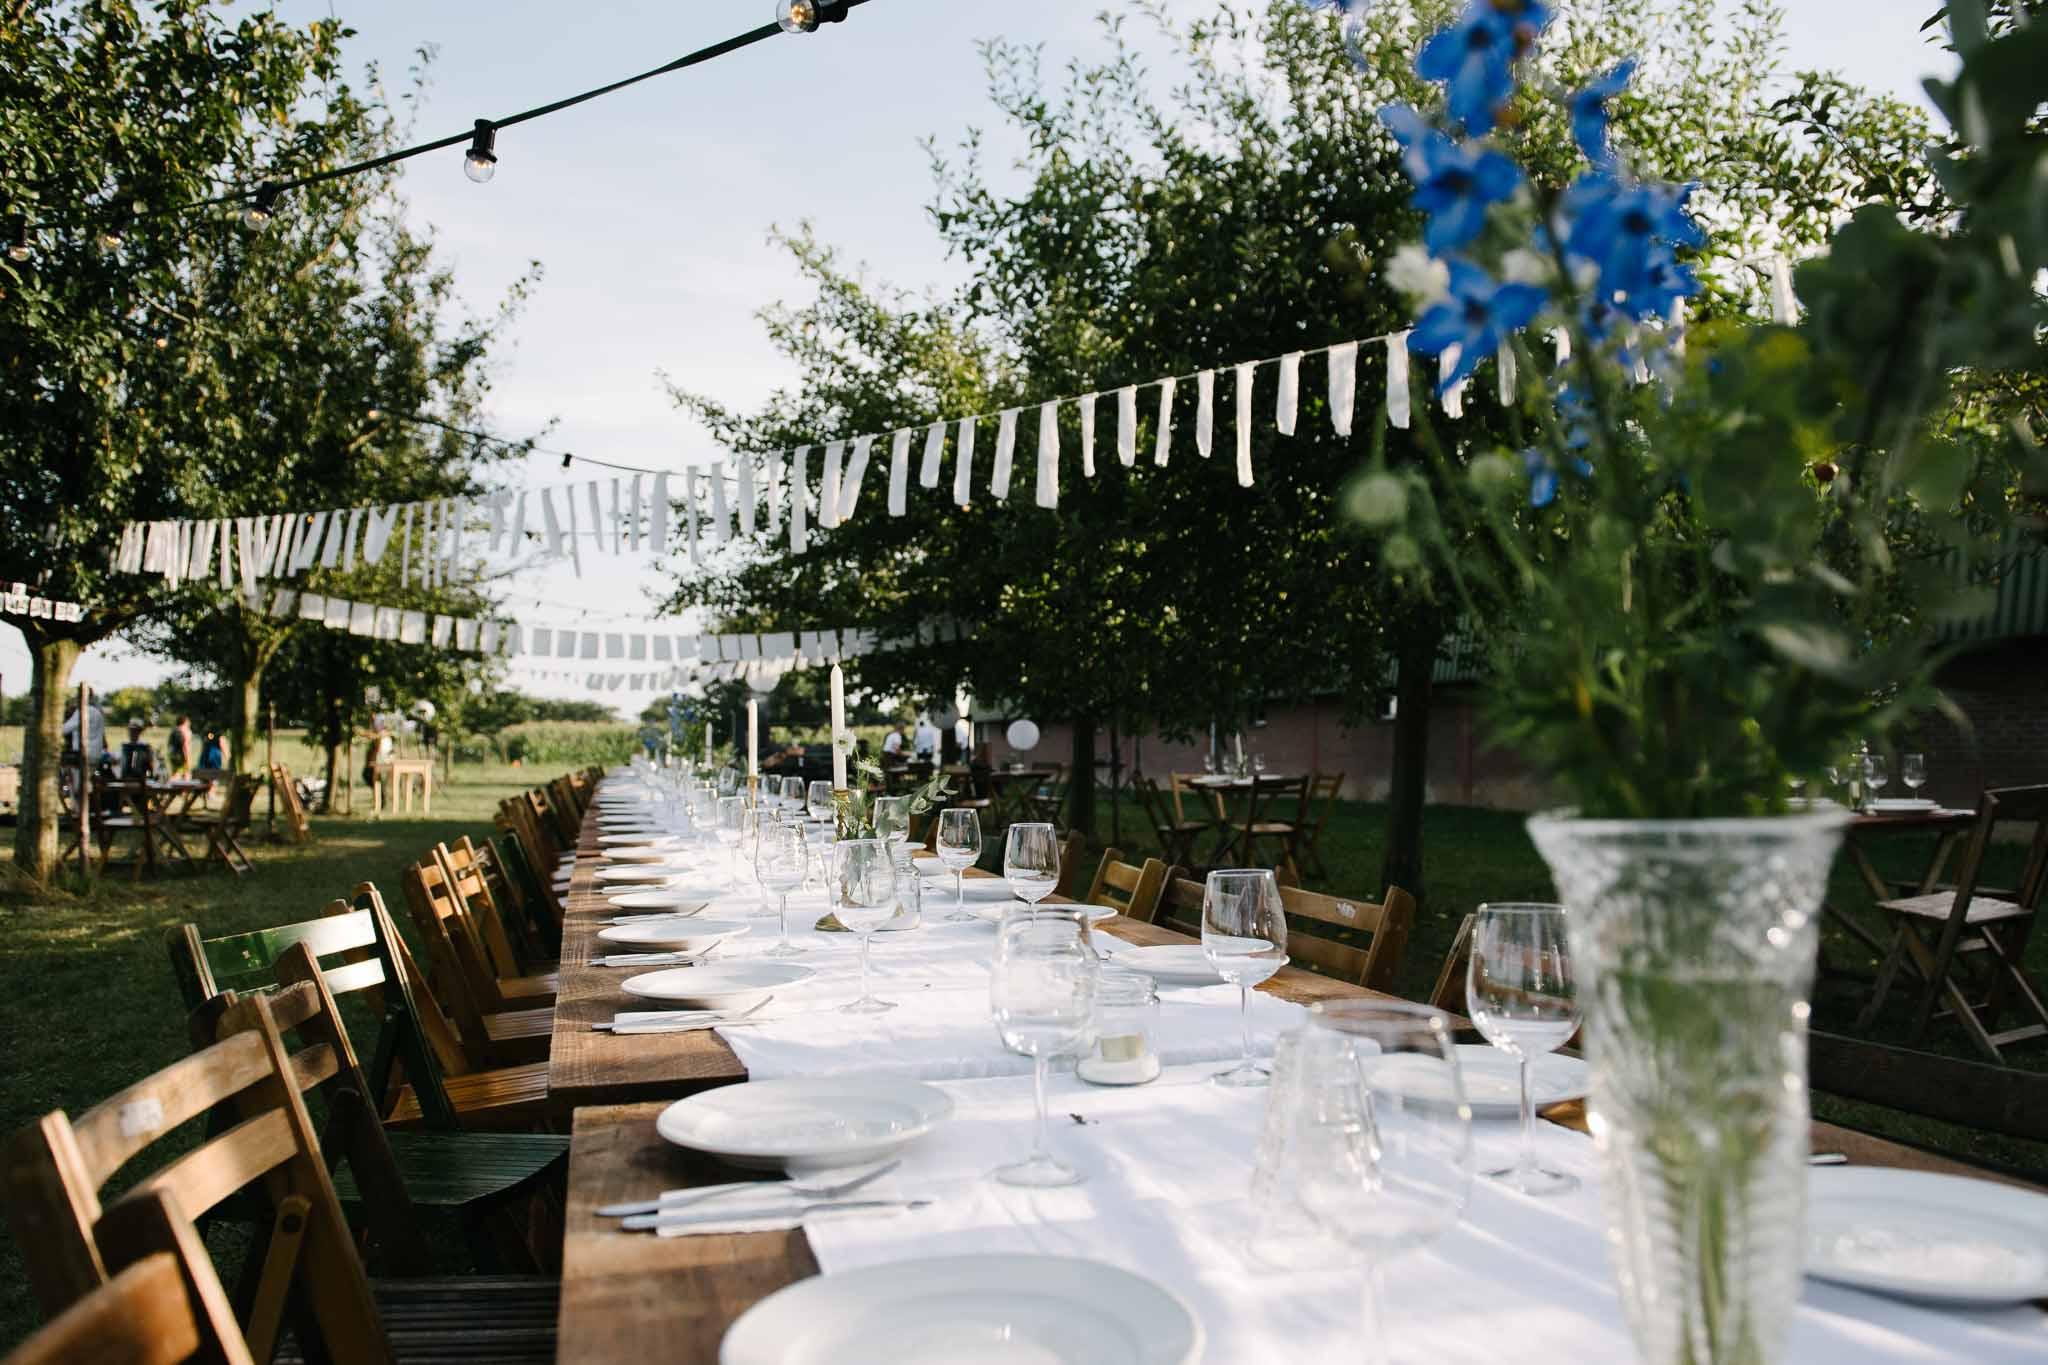 eten buiten lange tafels bruiloft italiaanse stijl tafeldecoratie